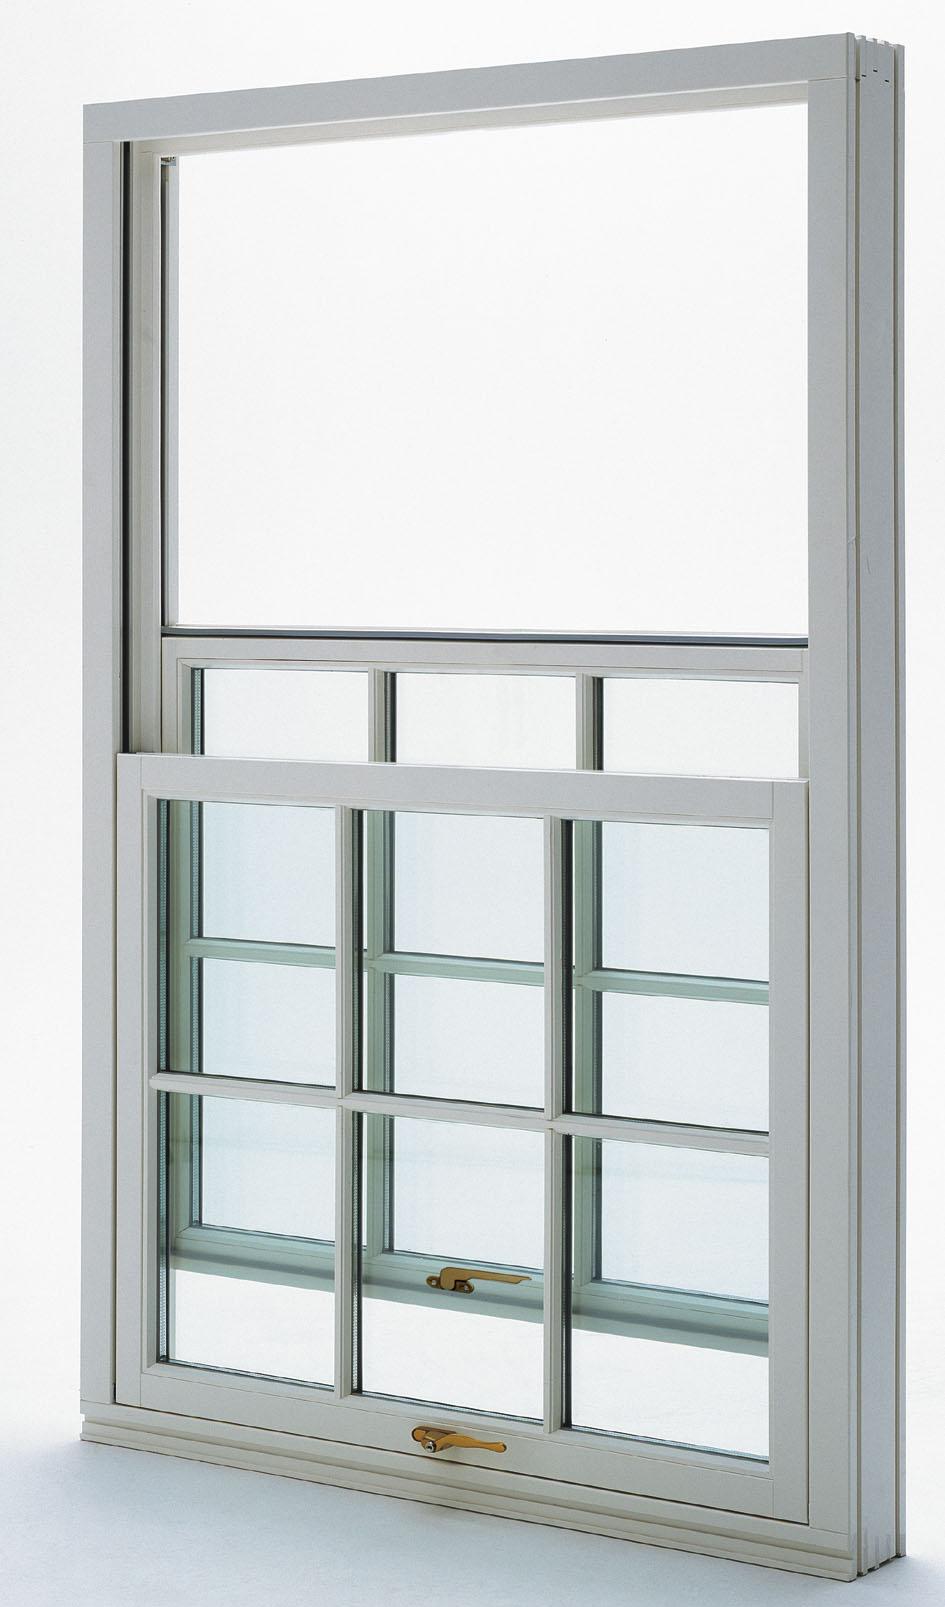 vertikal schiebefenster von vr gum fenster und t ren aus d nemark. Black Bedroom Furniture Sets. Home Design Ideas